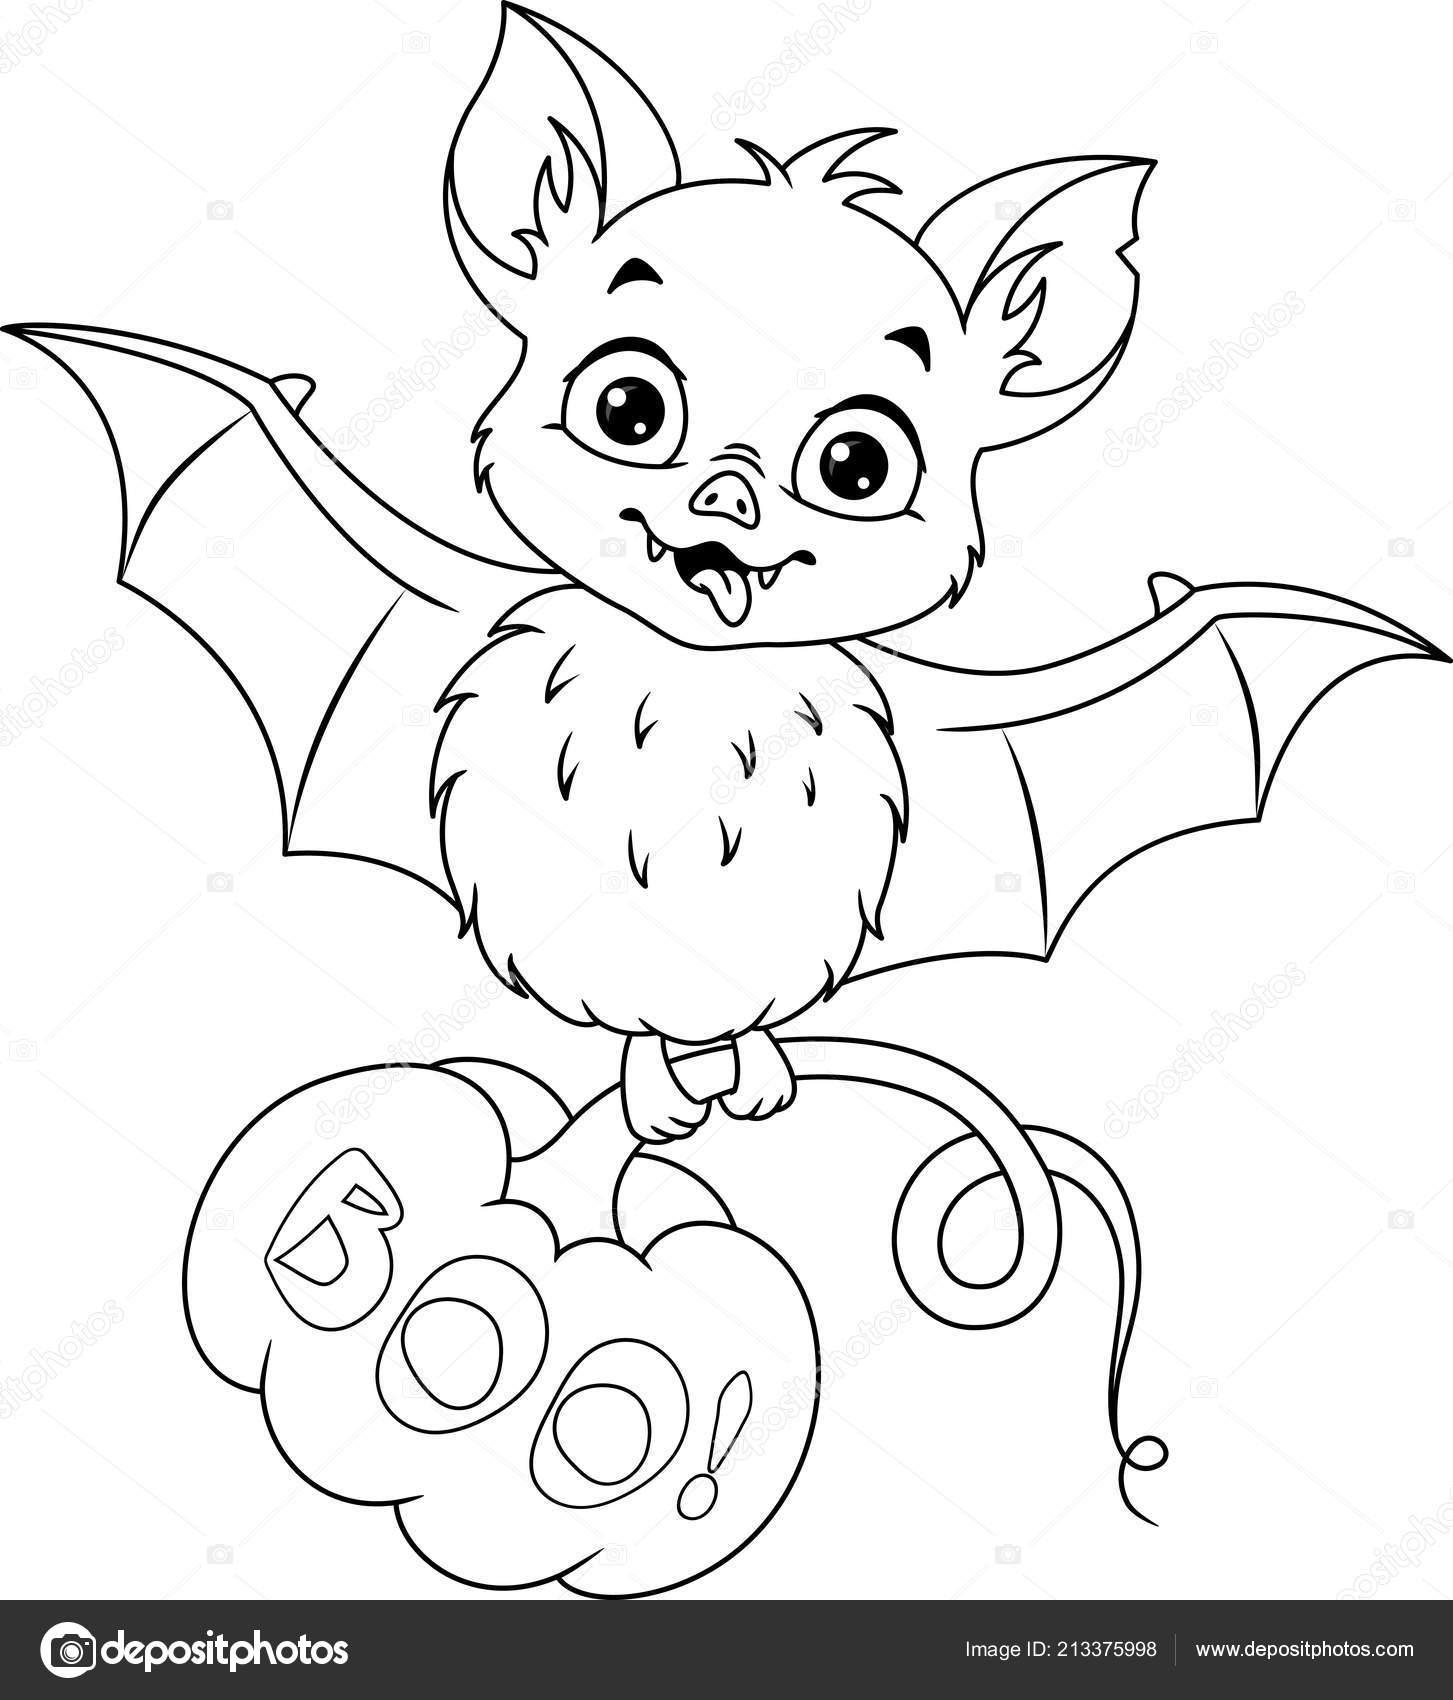 Kleurplaten Halloween Vleermuizen.Vleermuis Met Pompoen Voor Halloween Kleurplaat Pagina Stockvector